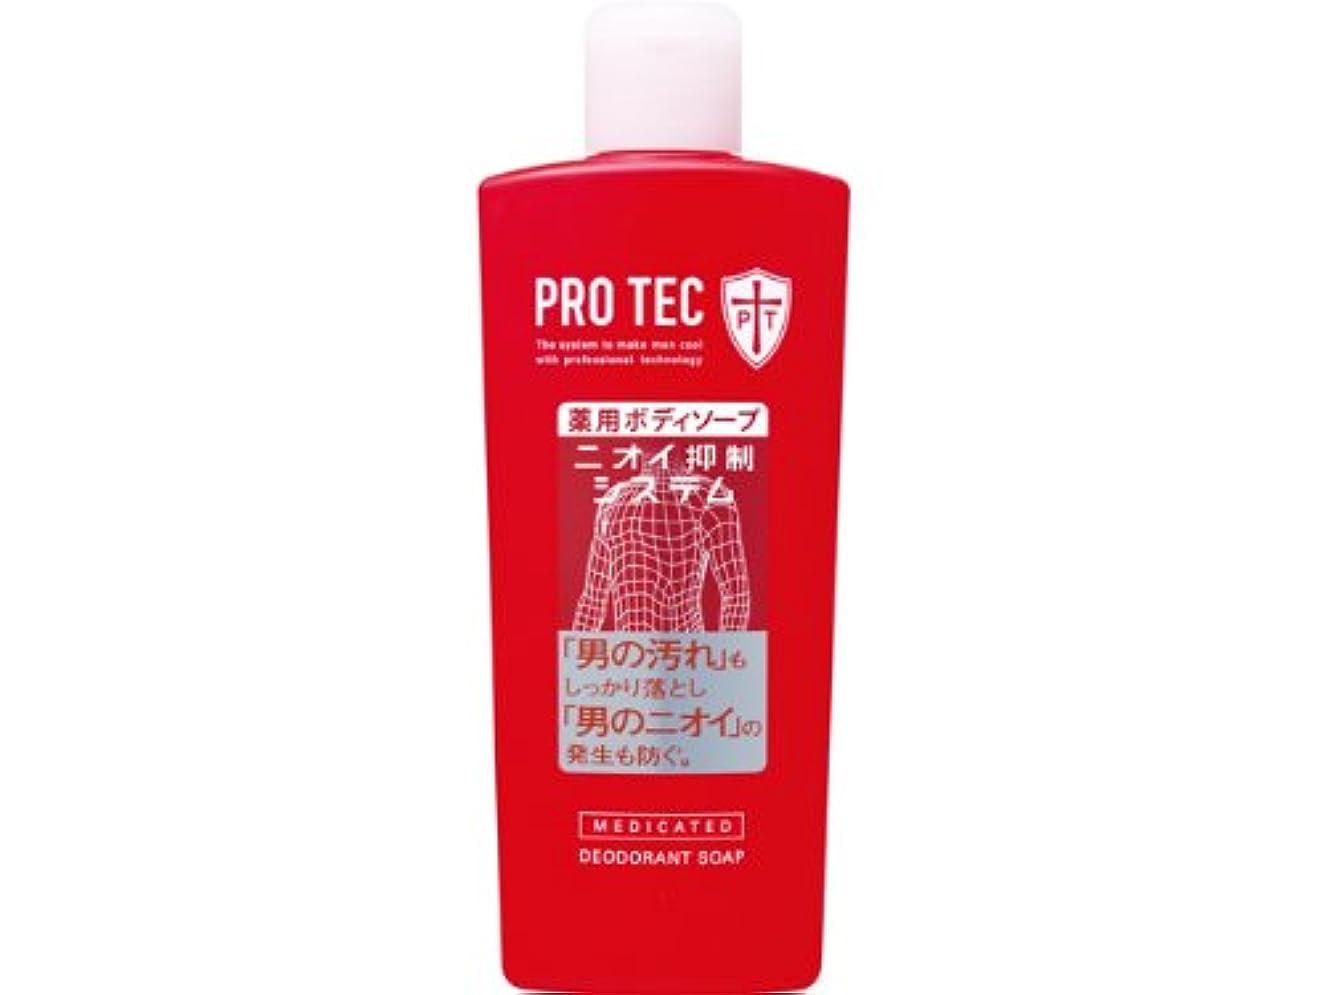 ベアリングサークル気をつけて麻酔薬PRO TEC(プロテク) デオドラントソープ 300ml